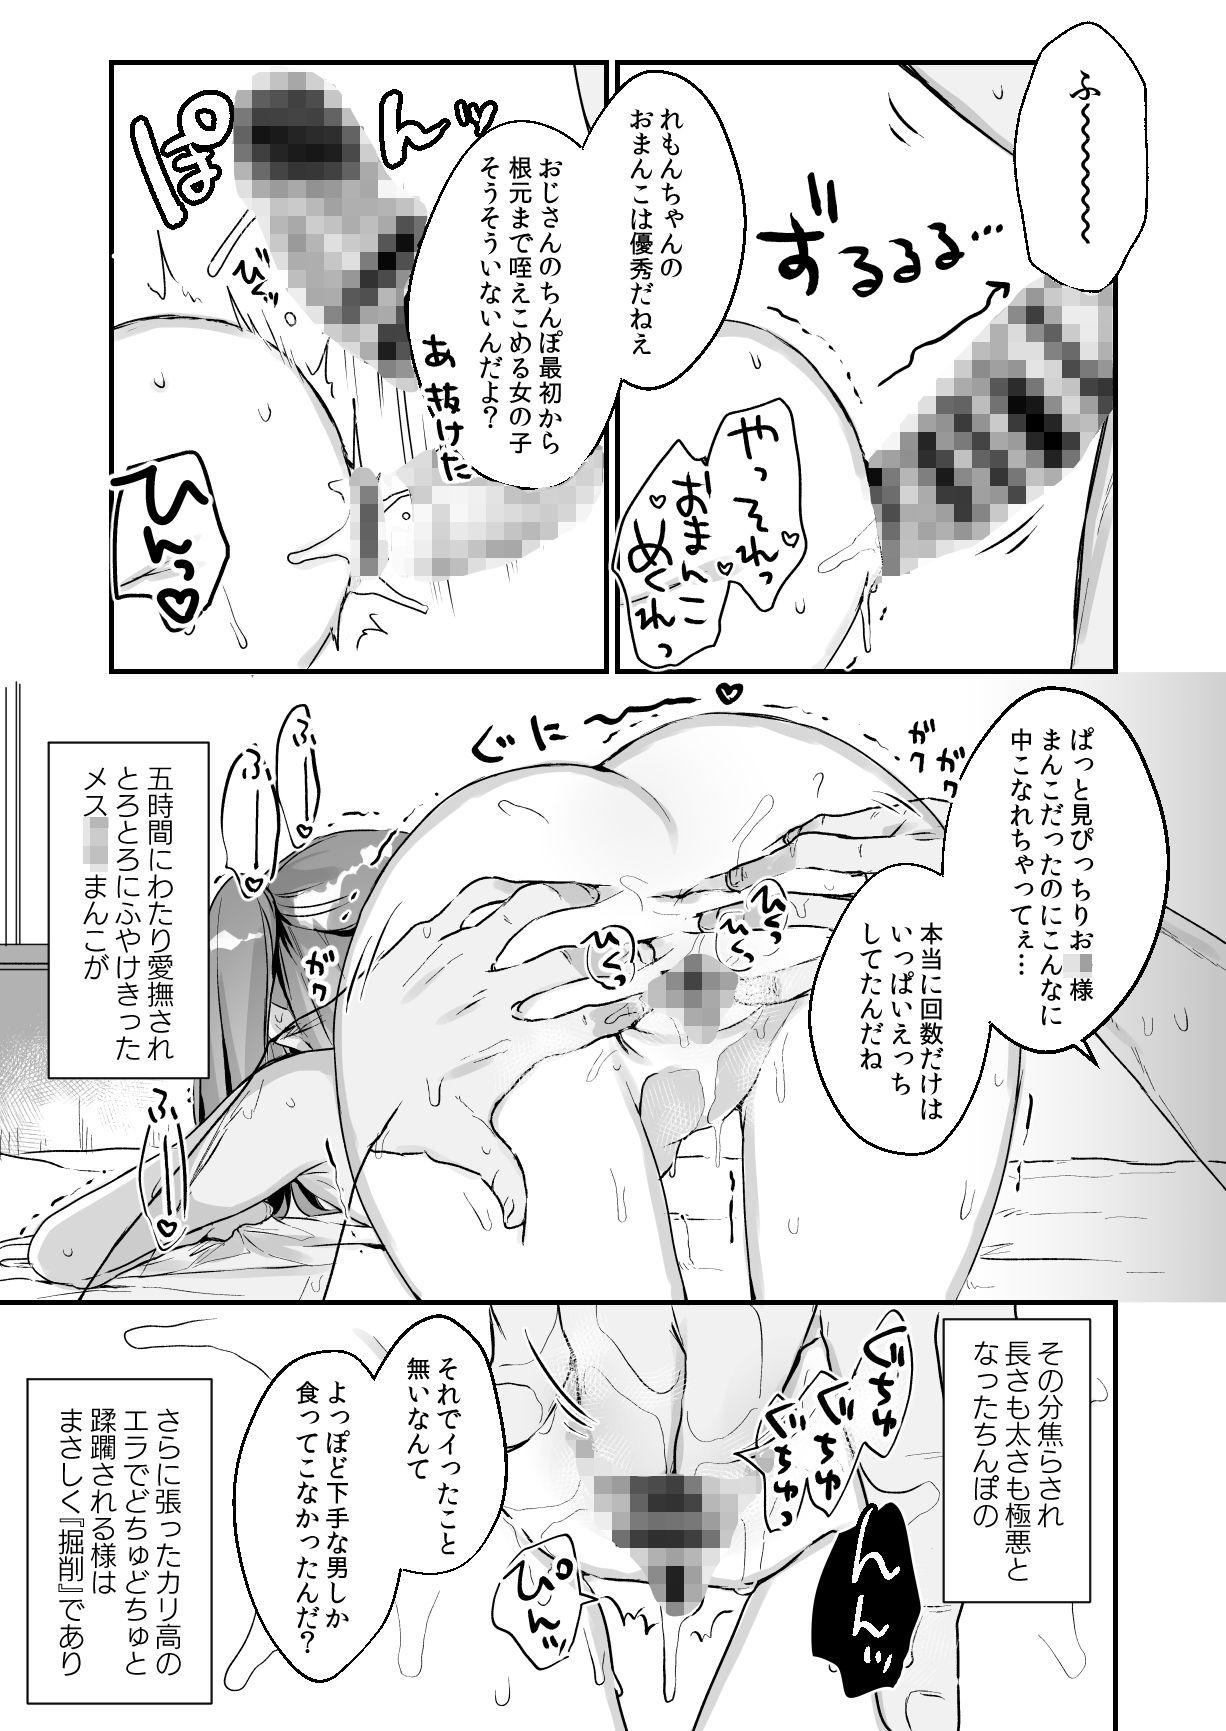 【エロ漫画無料大全集】メスガキにメスイキを教えてやったwwwwww